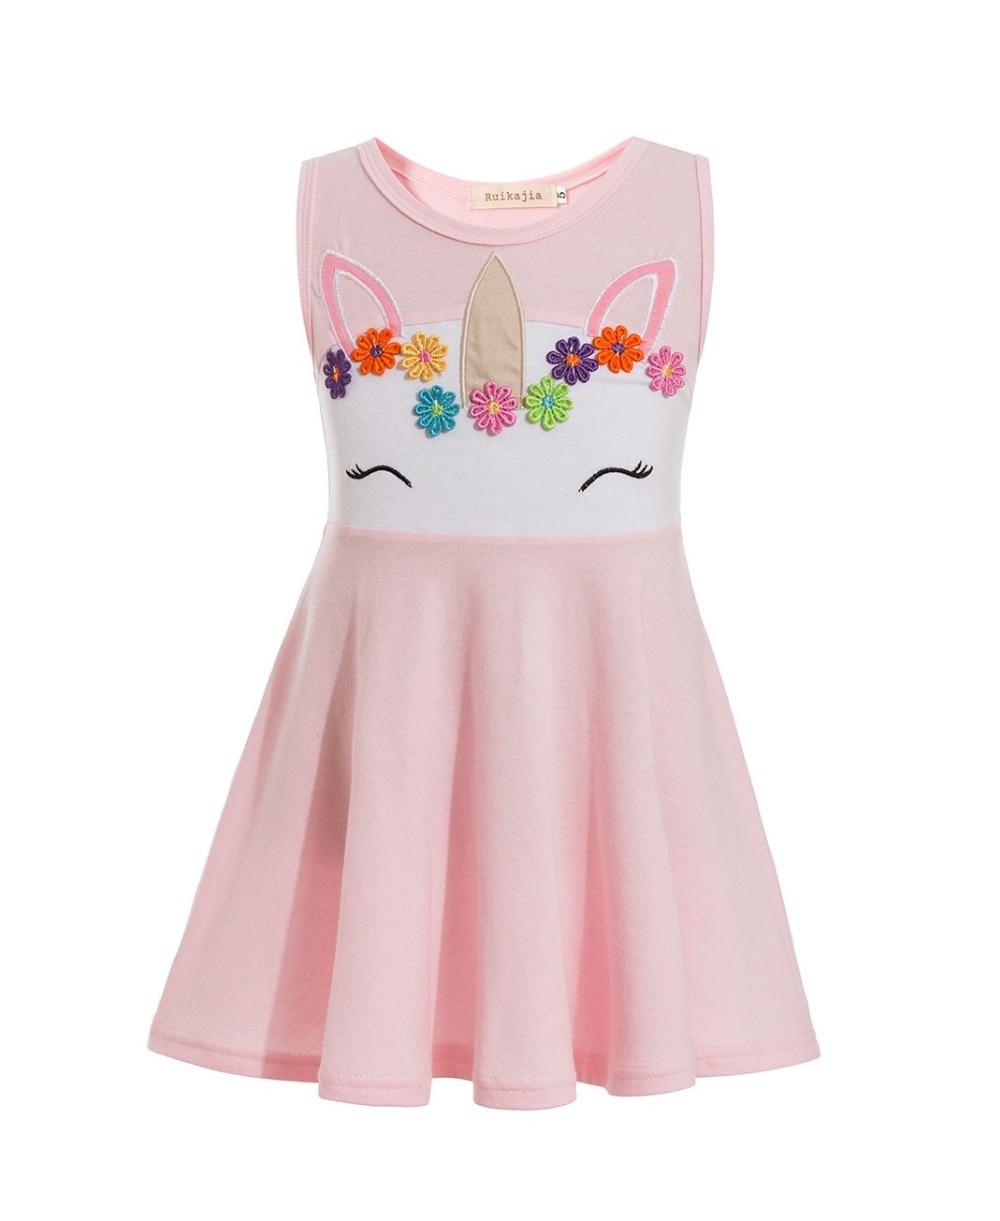 Vestido para niña masha y el oso ropa niños verano little pony traje para niños ropa unicornio niñas 11 años comunion